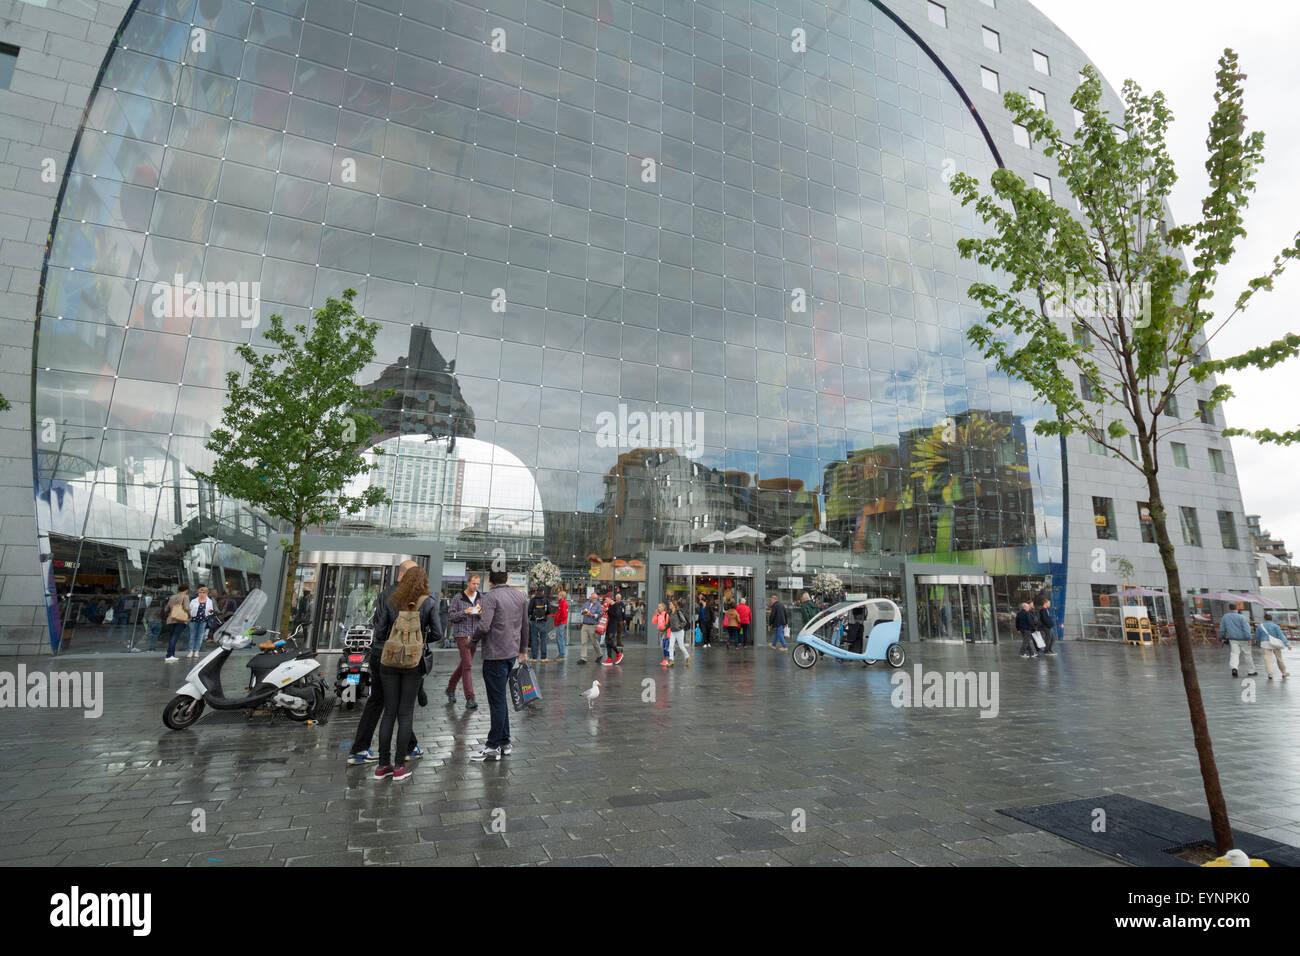 Rotterdam-Markthalle - Reflexionen an einem verregneten Tag Stockbild